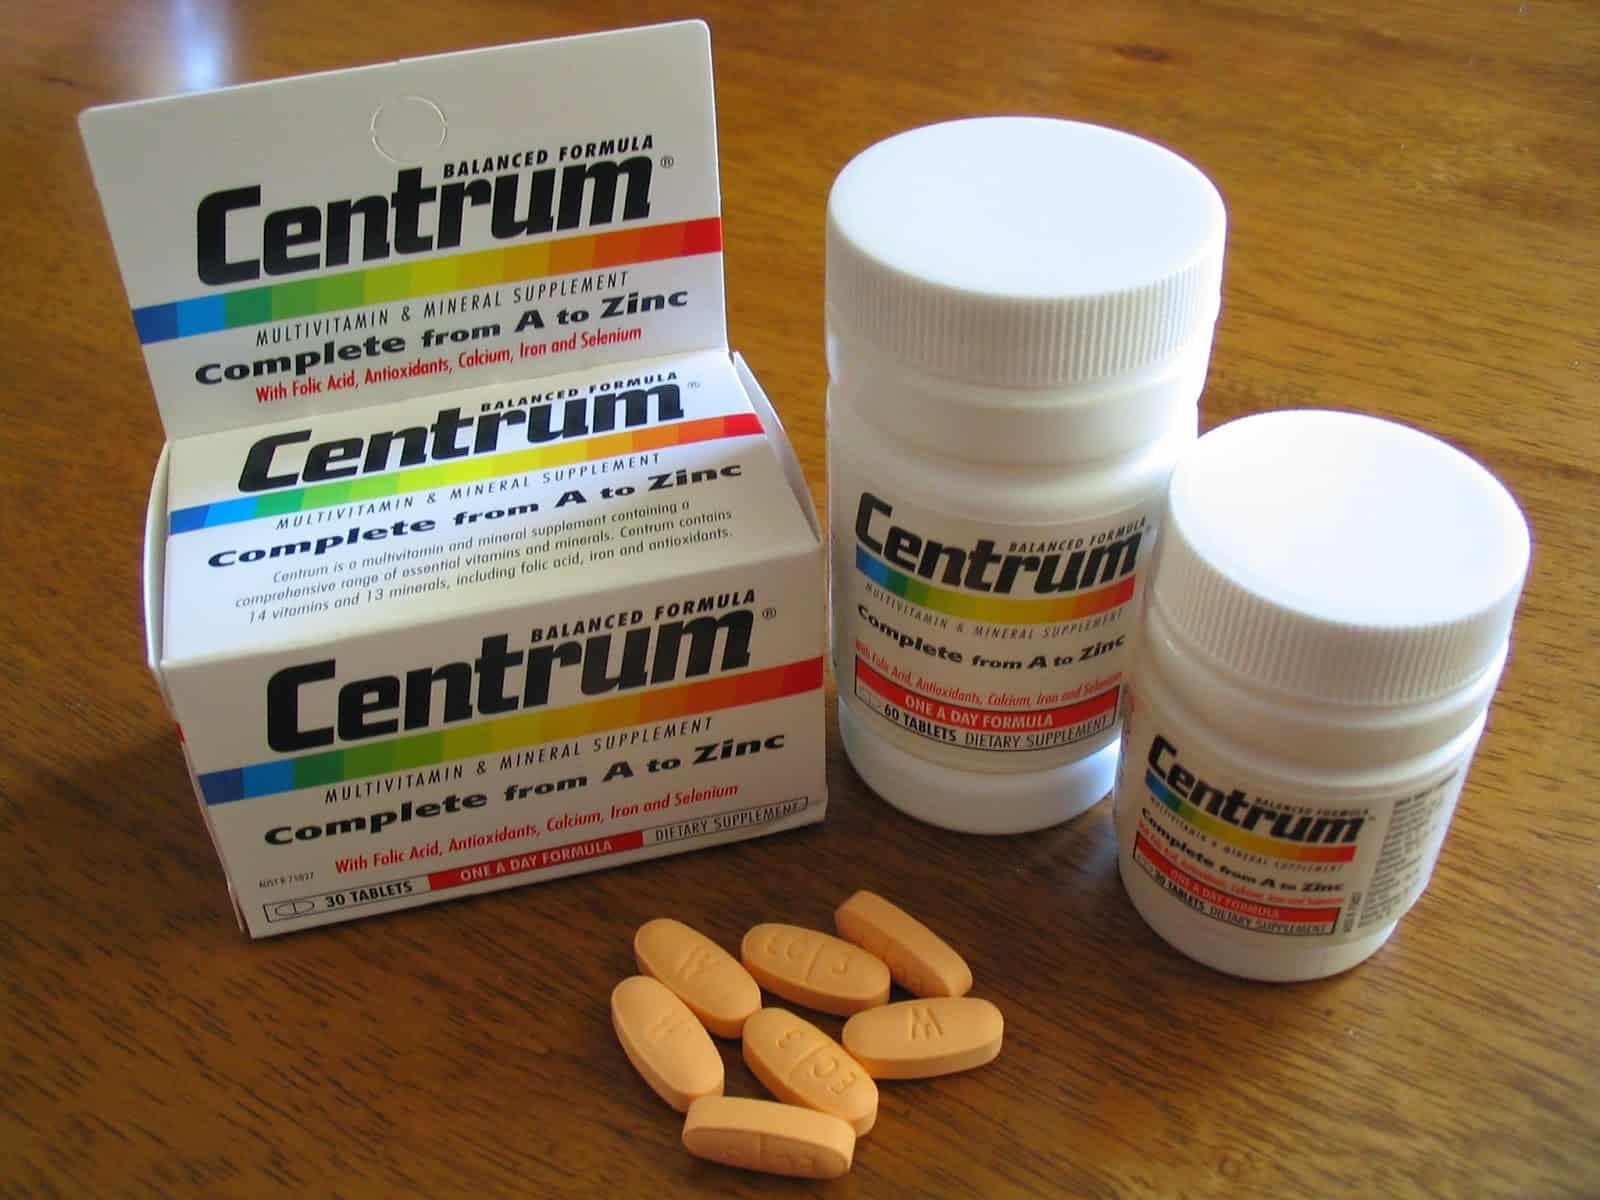 بالصور افضل حبوب فيتامينات للجسم , الفيتامينات الضرورية لاجسامنا 5216